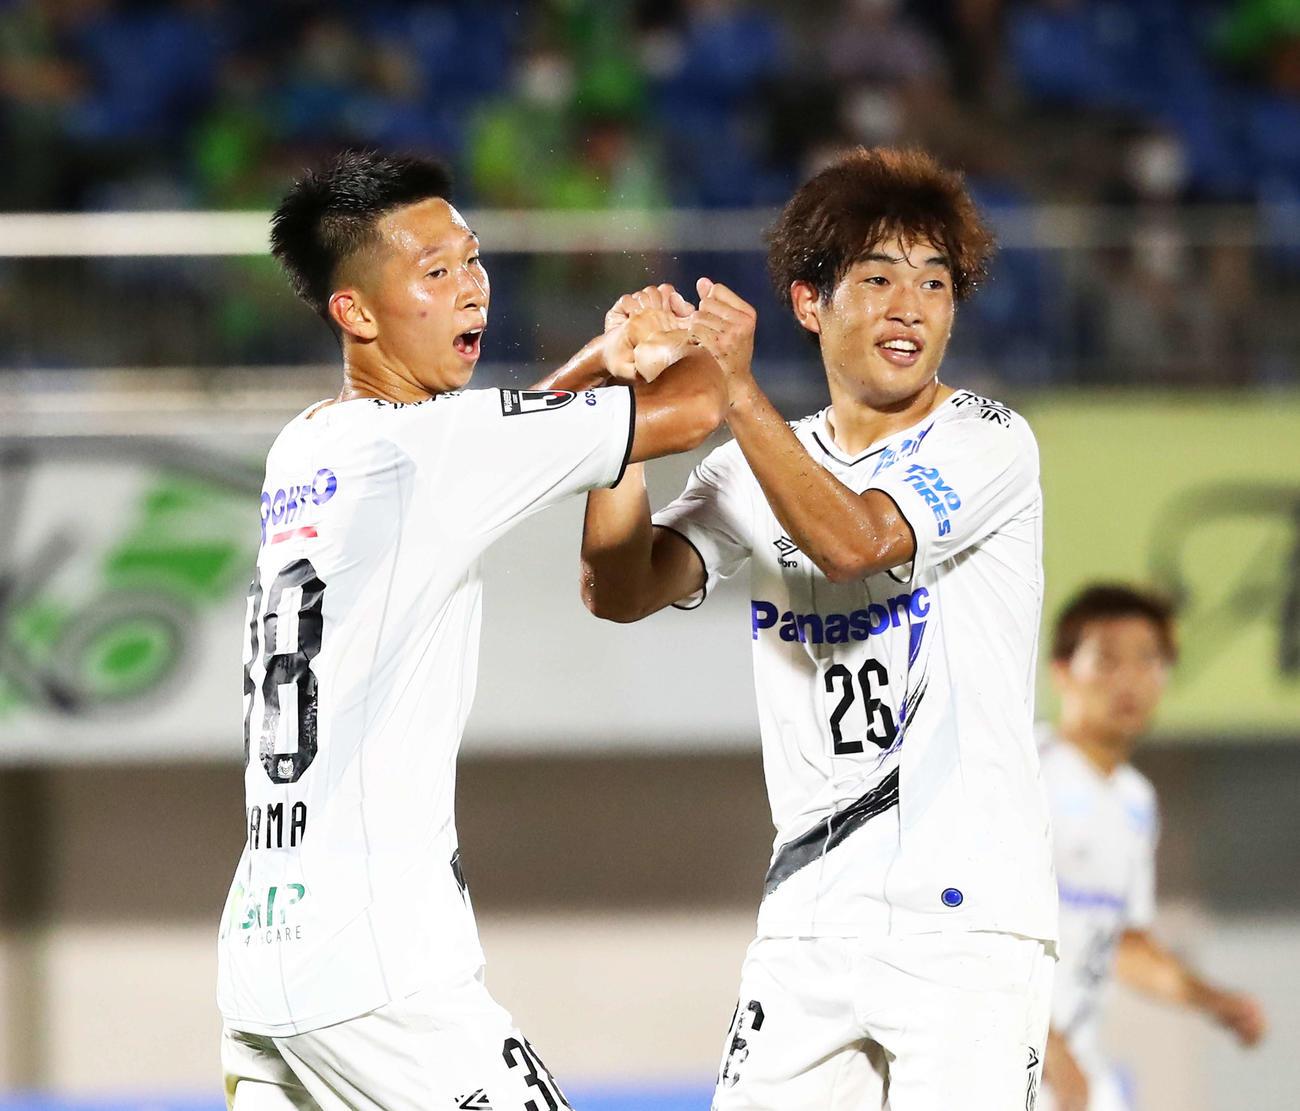 湘南対G大坂 前半、勝ち越しゴールを決めたG大阪FW唐山(左)はMF奥野とグータッチを交わす(撮影・河田真司)